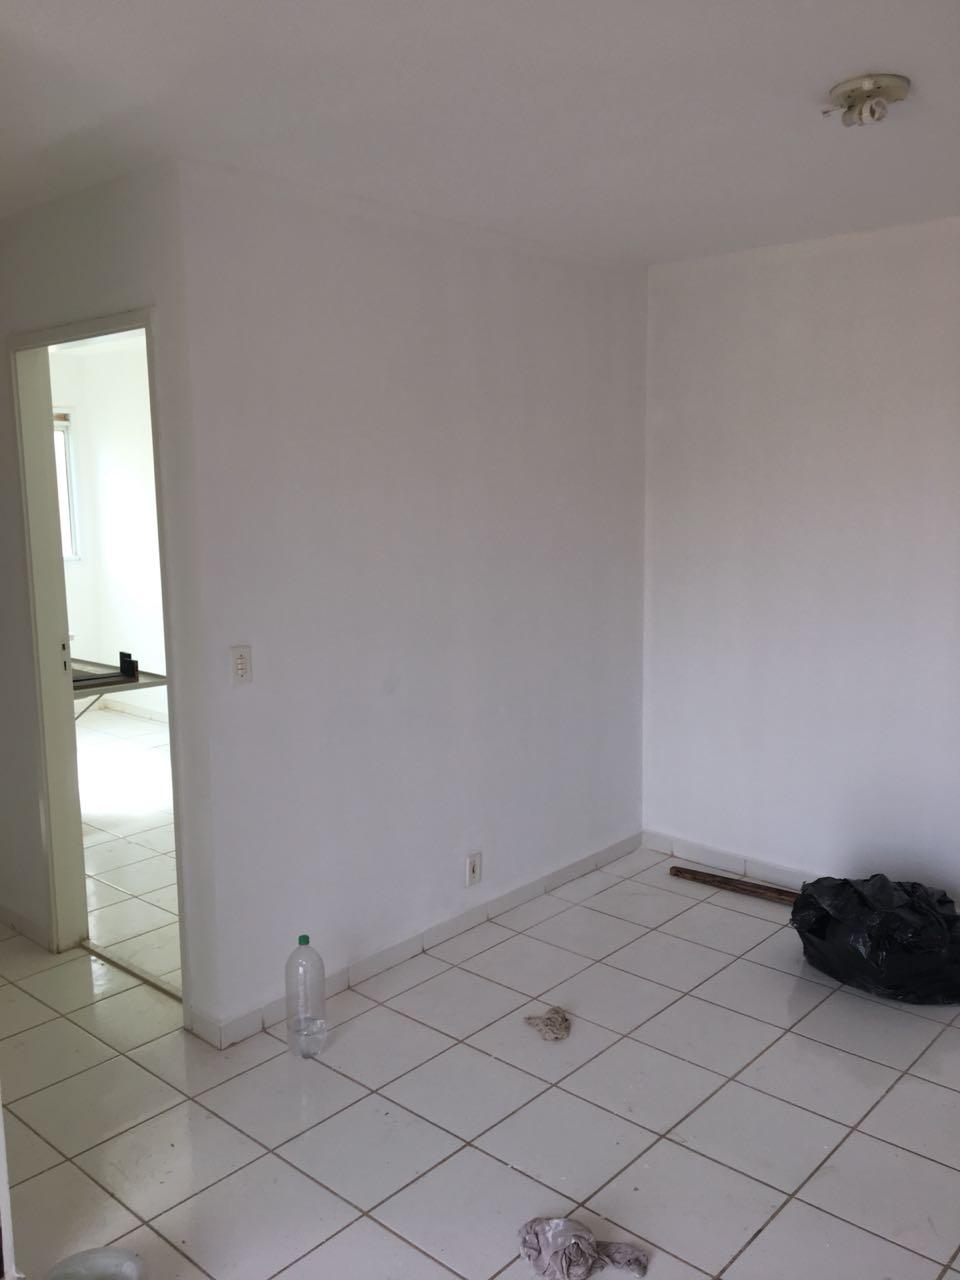 Apartamento  com 2 quartos no Parque das Nações , Cuiabá  - MT